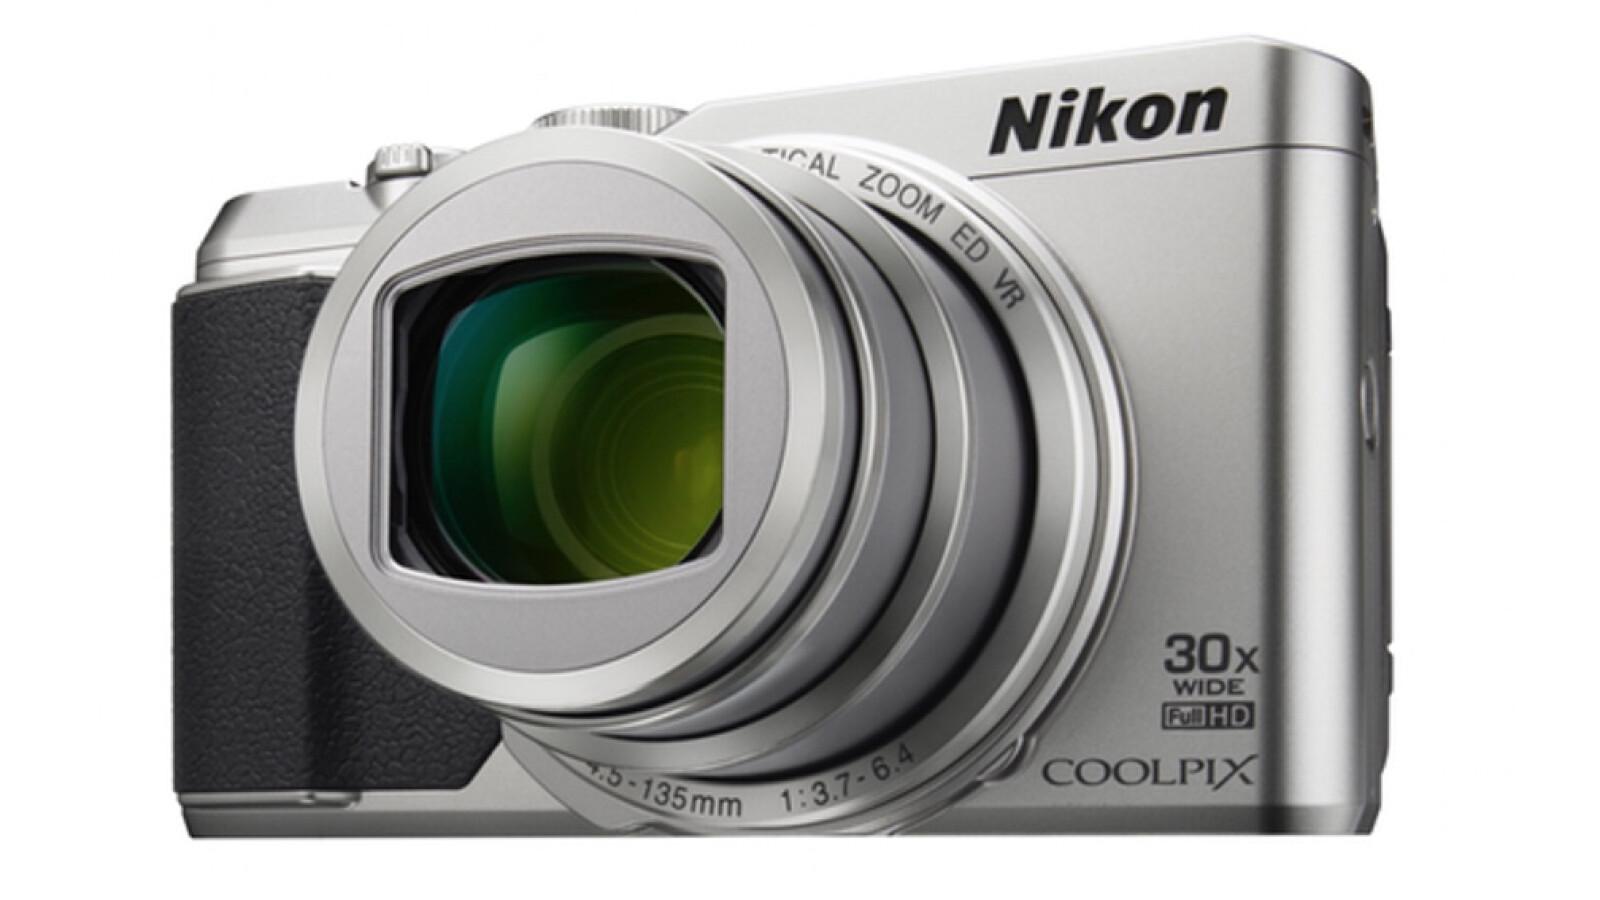 Nikon Coolpix: Sieben neue Bridge- und Kompaktkameras für 2015 ...